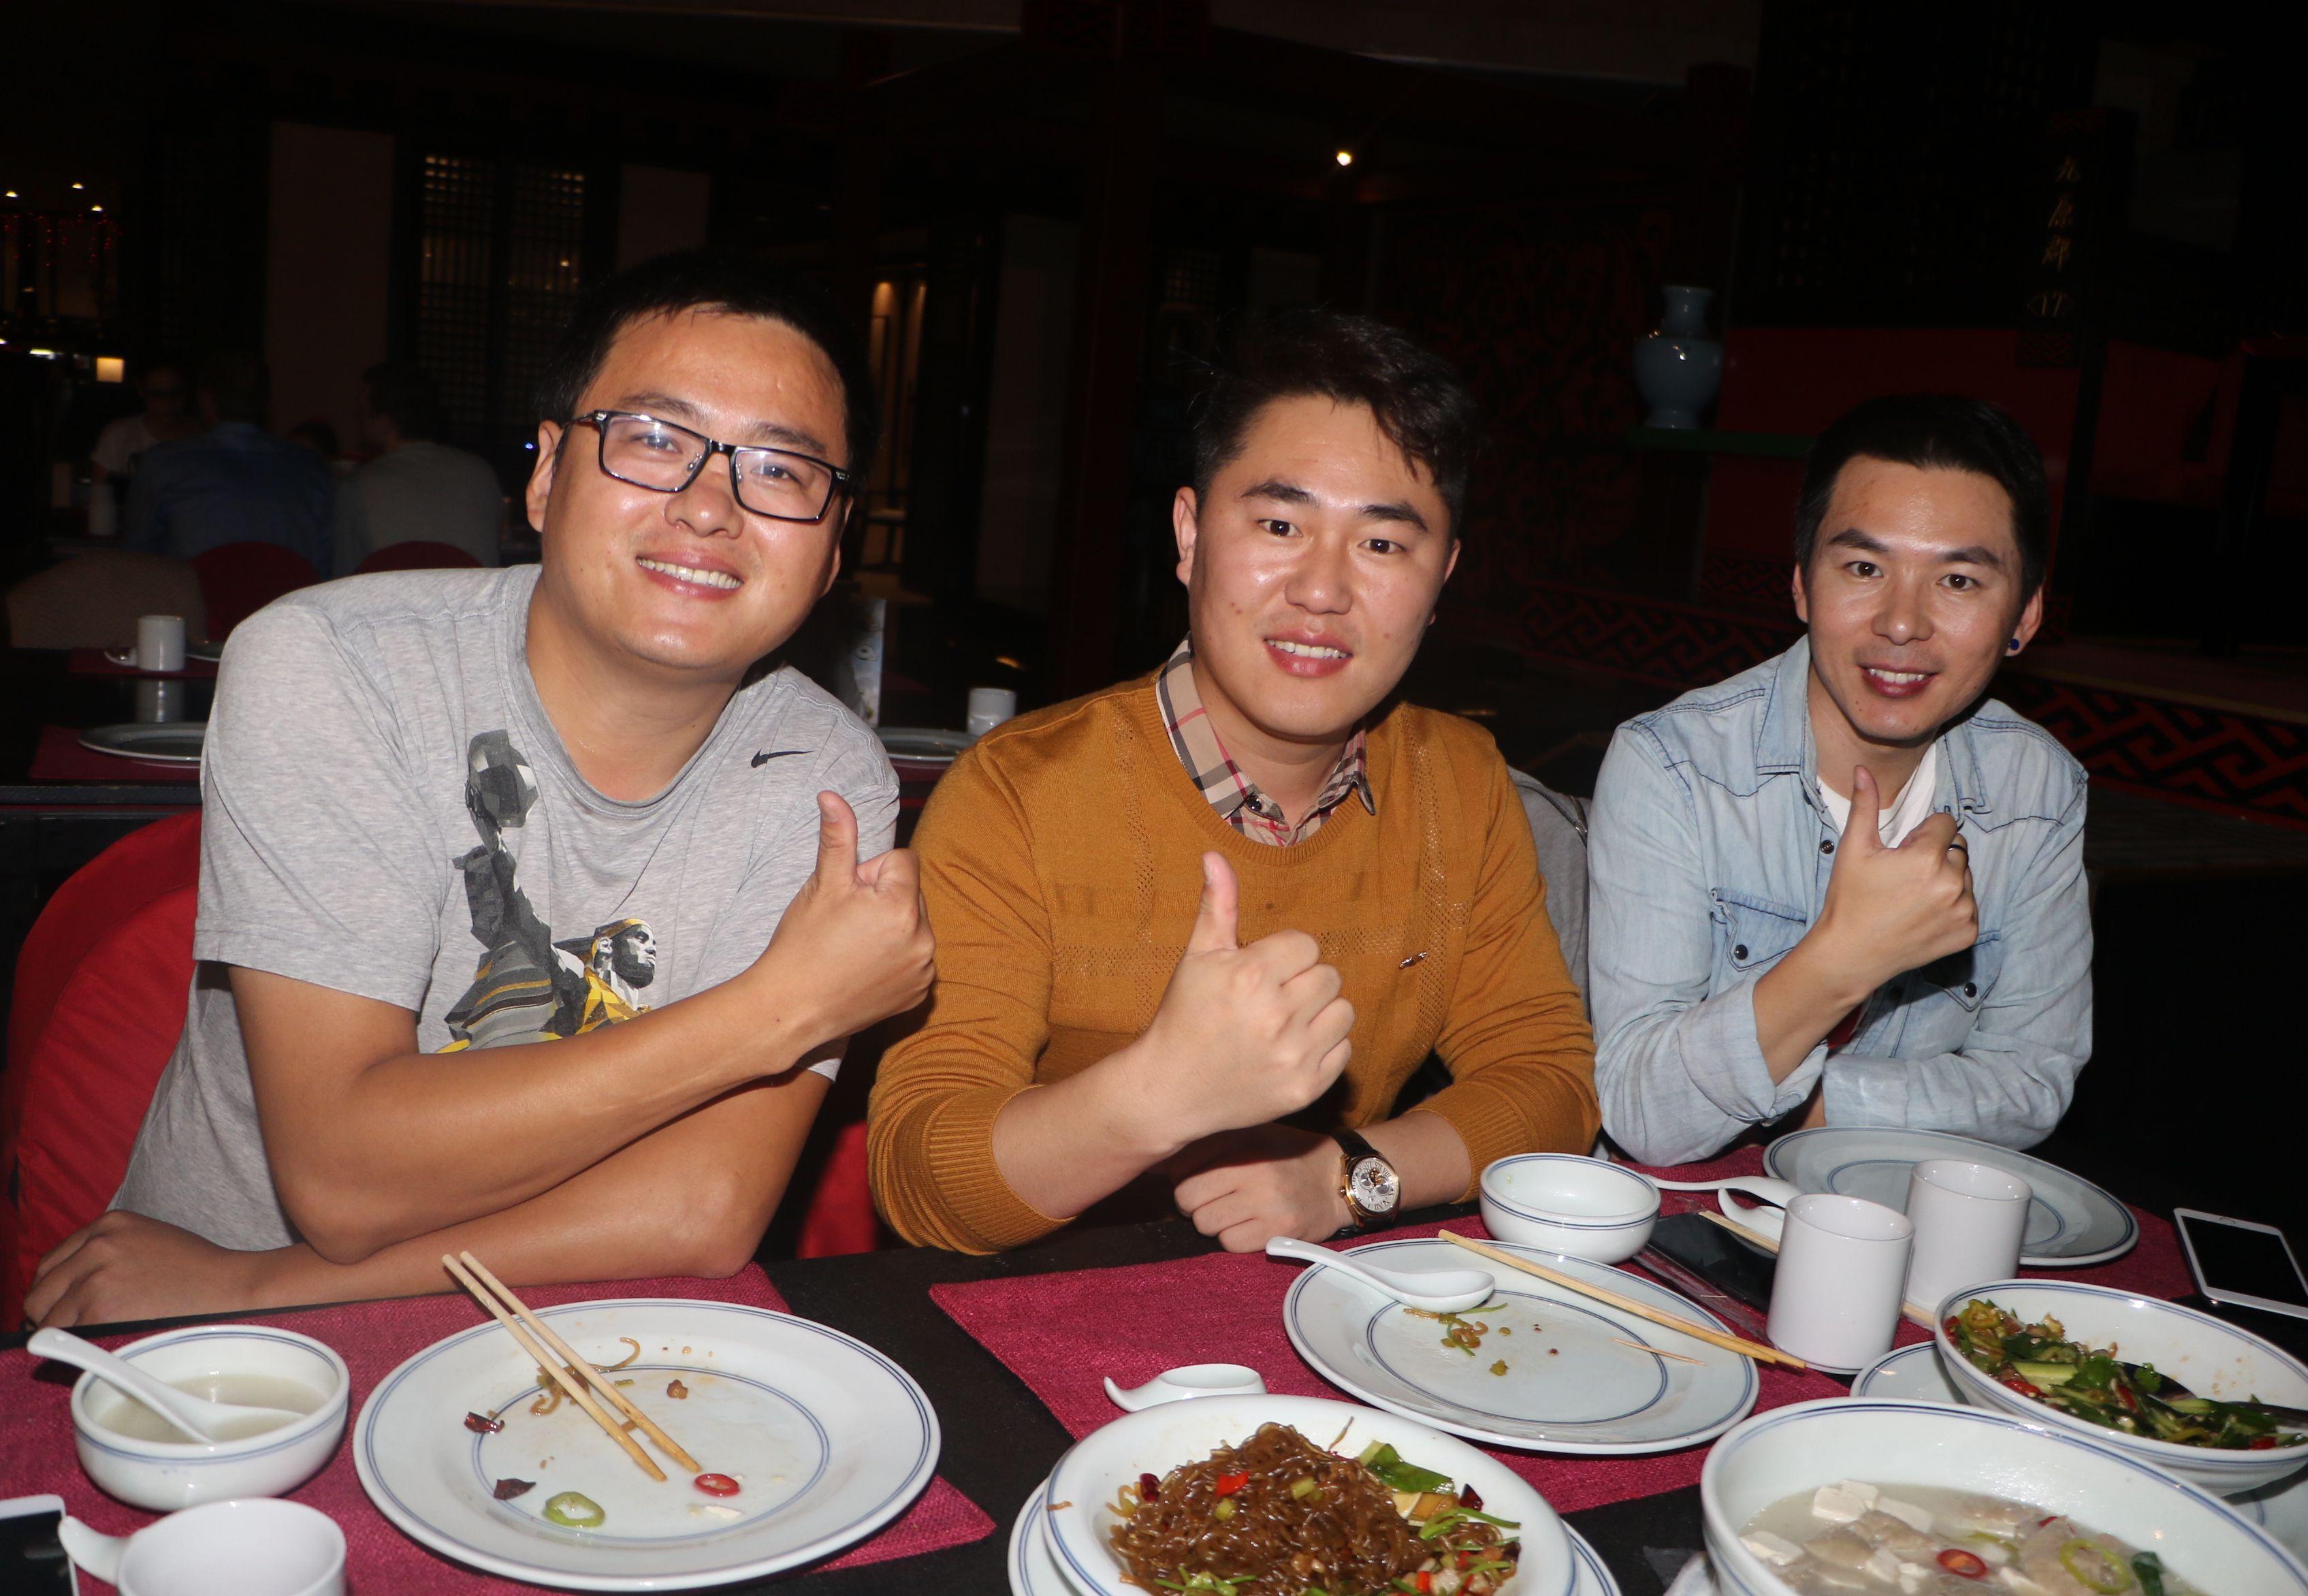 來自中國的球迷曾先生(左)大呼選美好正。